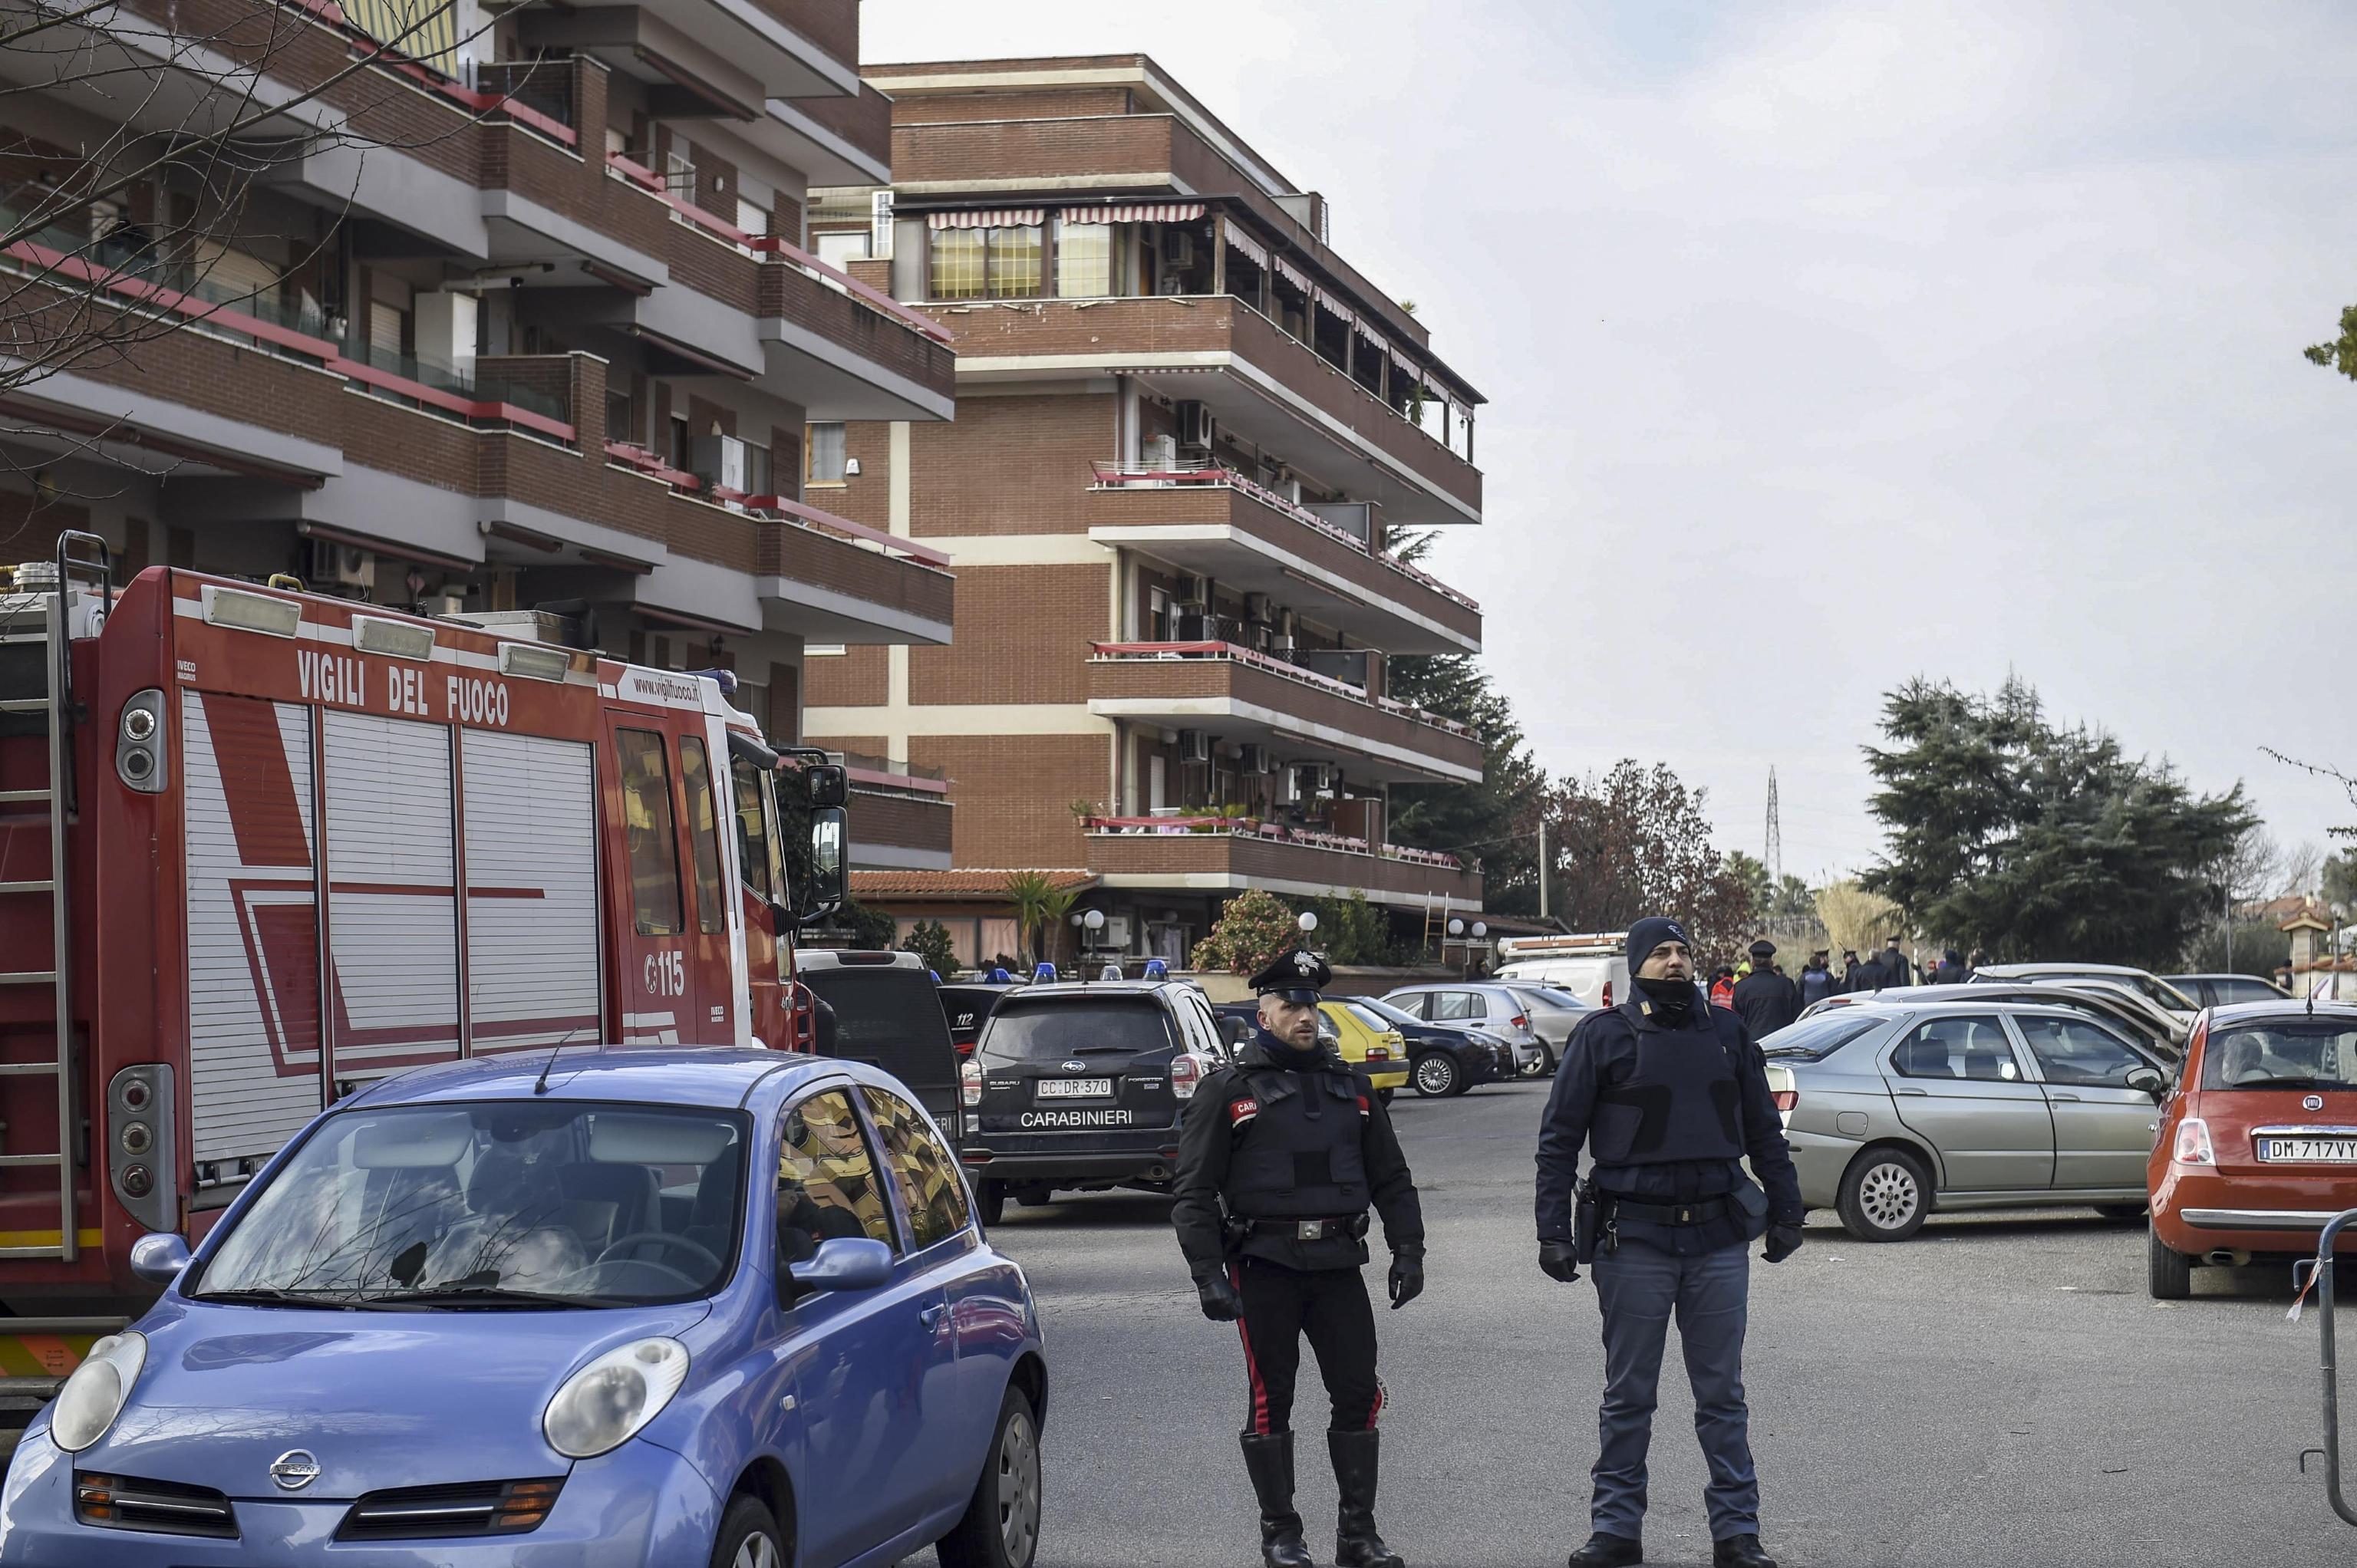 Si suicida il carabiniere che si era barricato con le figlie: morte anche le bambine